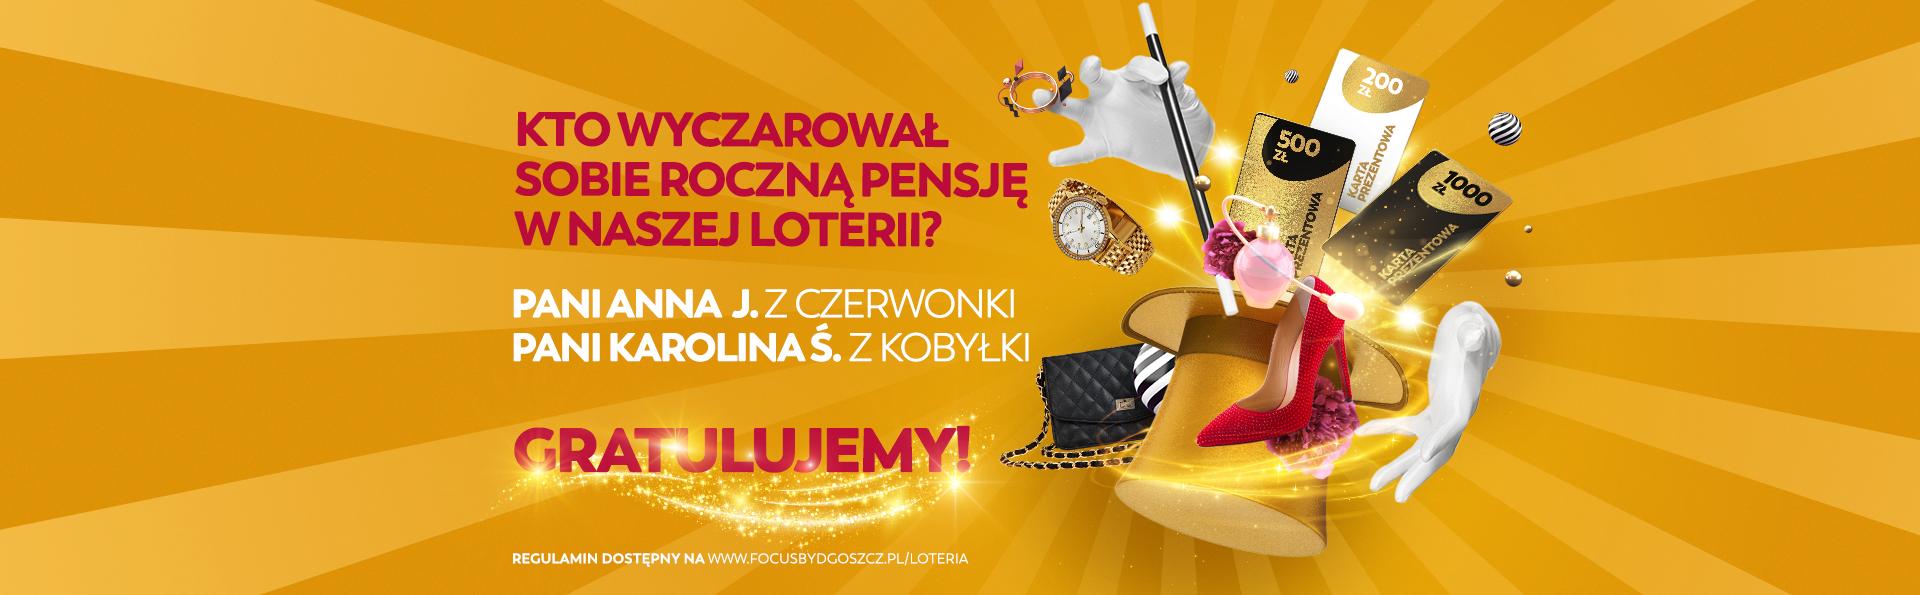 Zwycięzcy w loterii